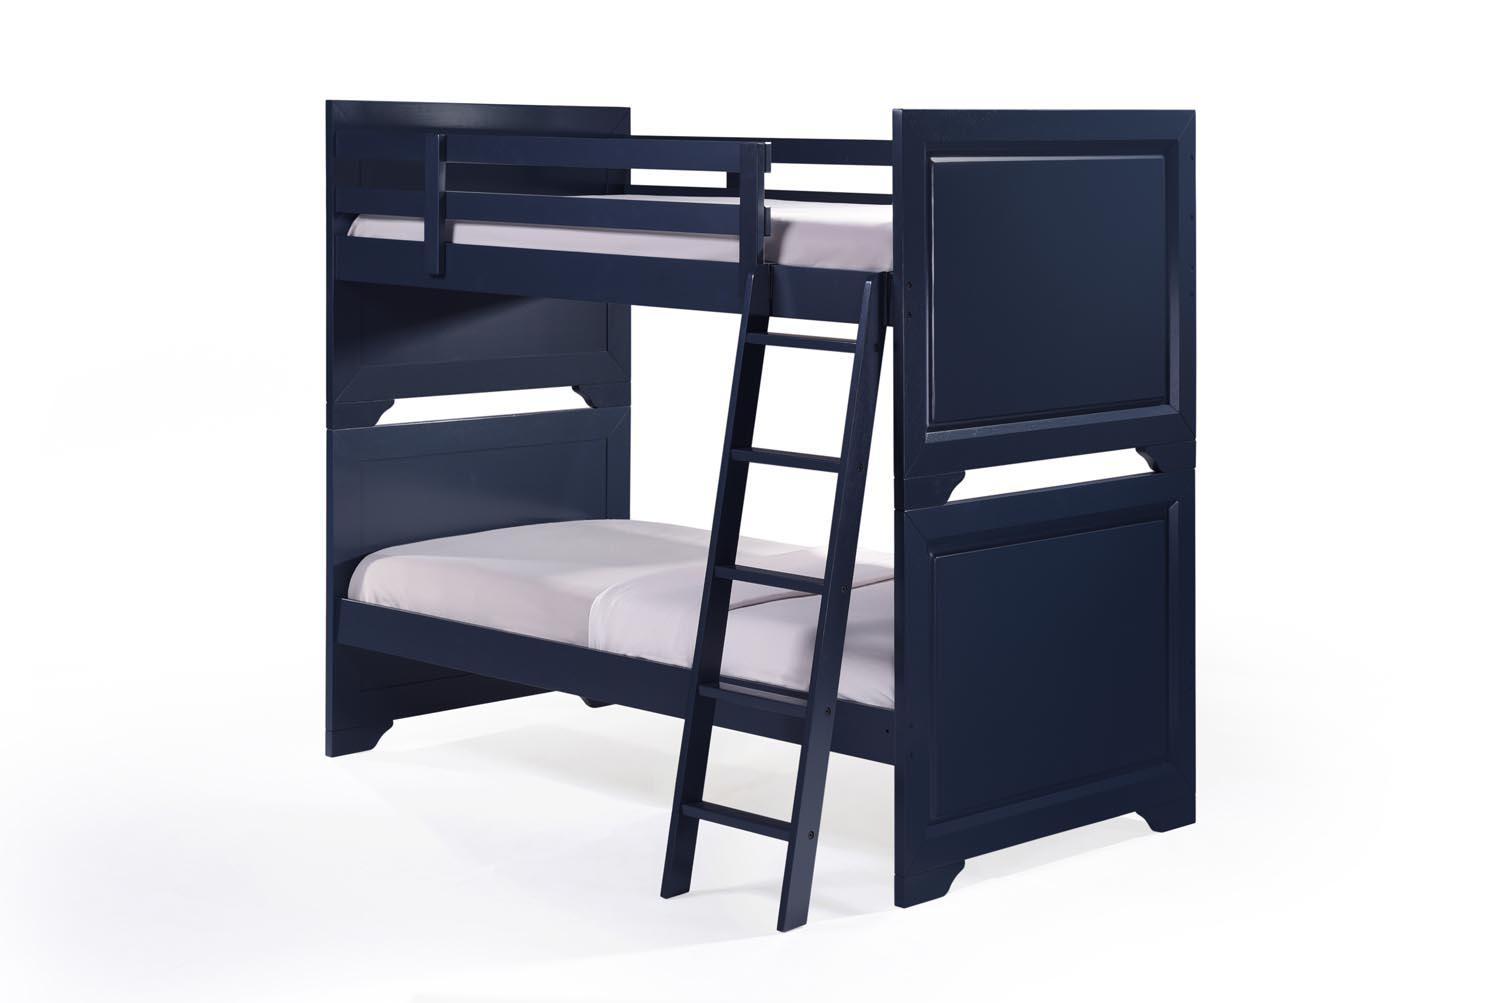 Xilam Afa Furniture